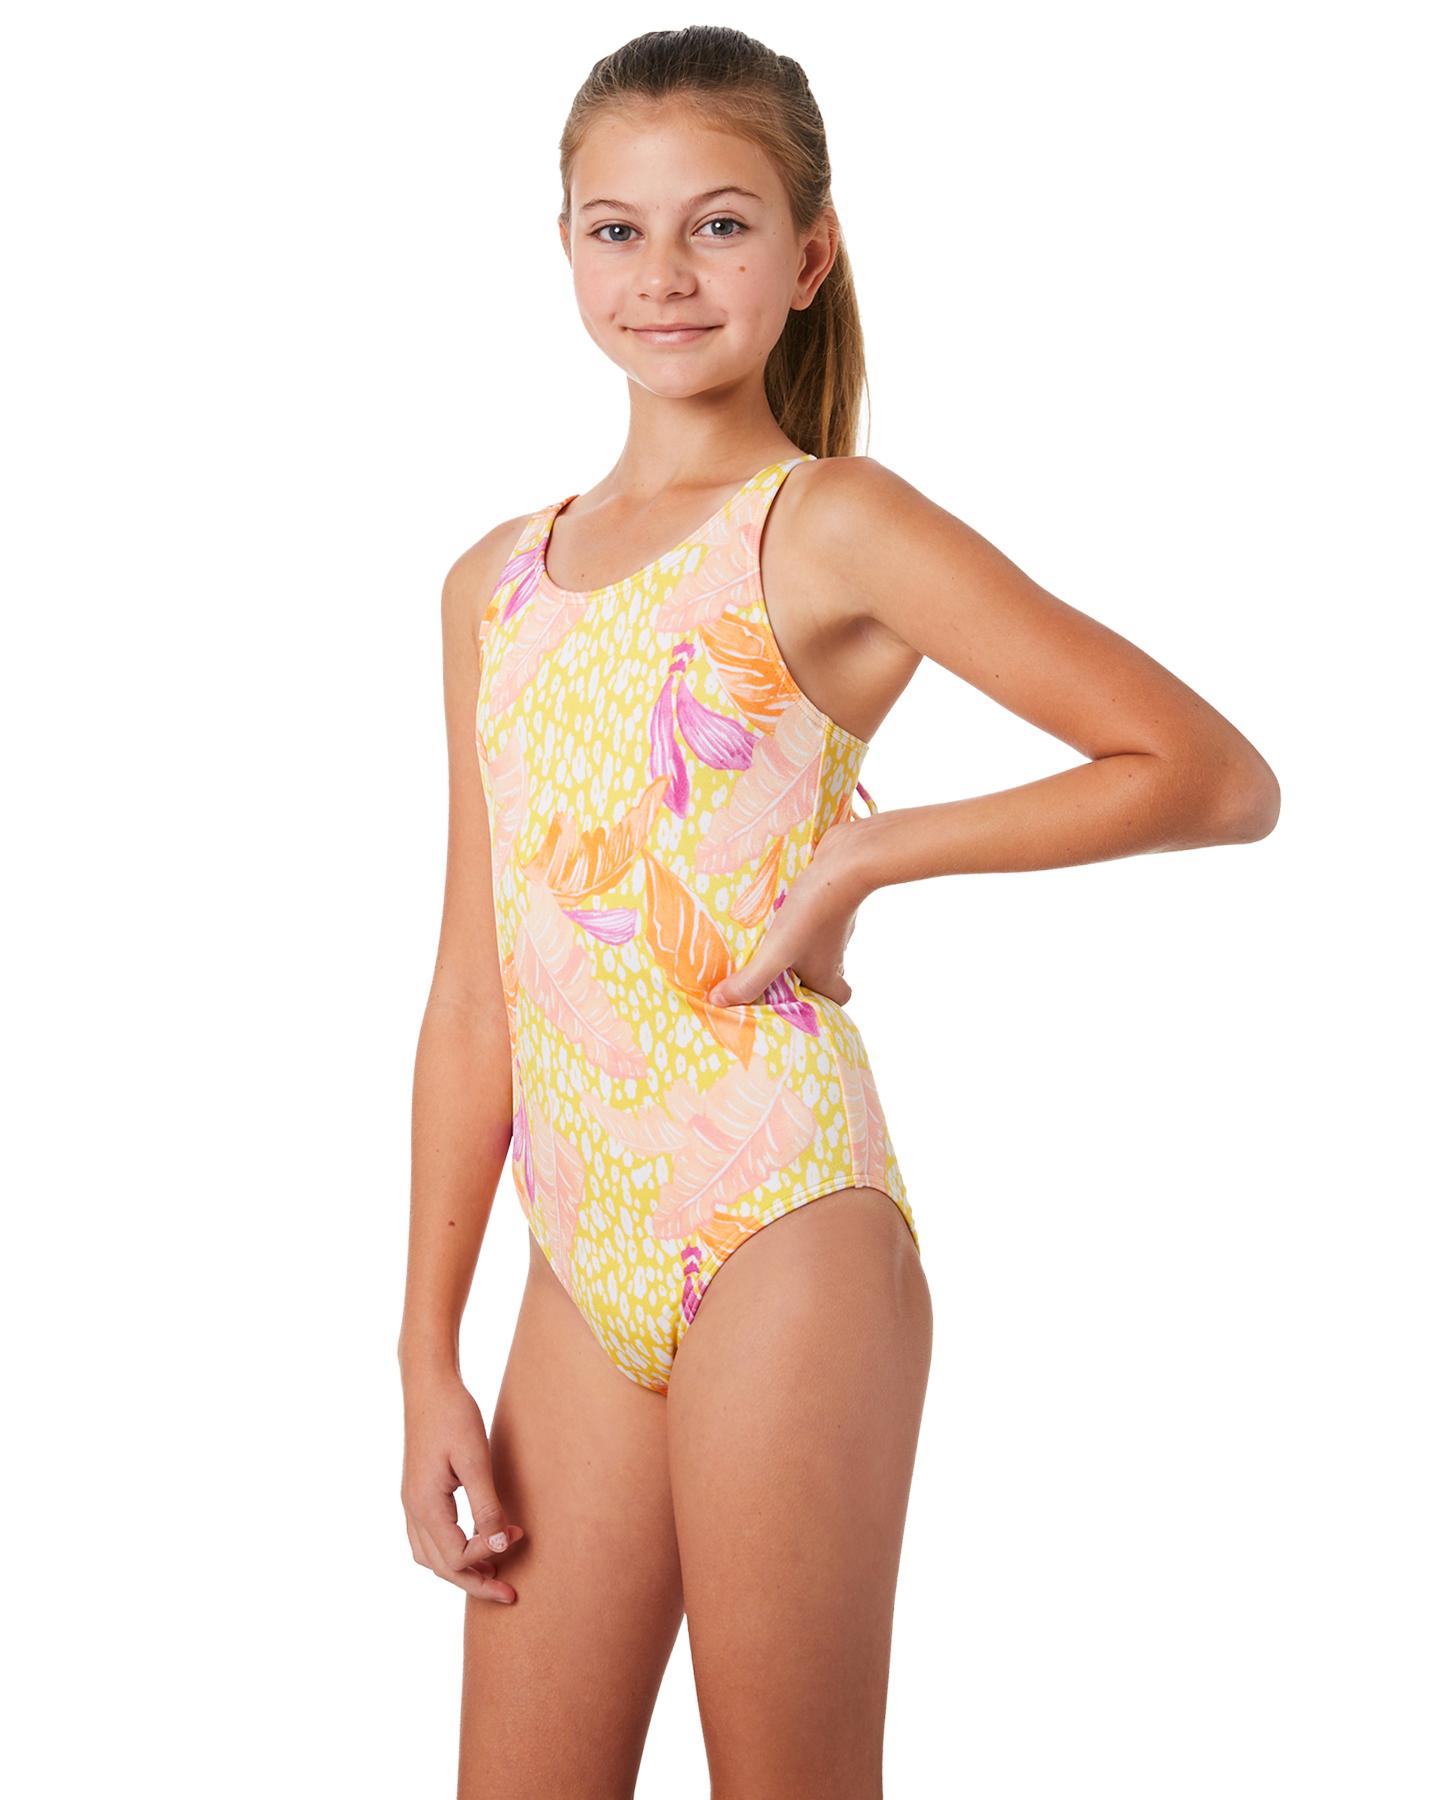 d973cbffd6c8a Billabong Kids Girls Love Palm One Piece - Mimosa | SurfStitch